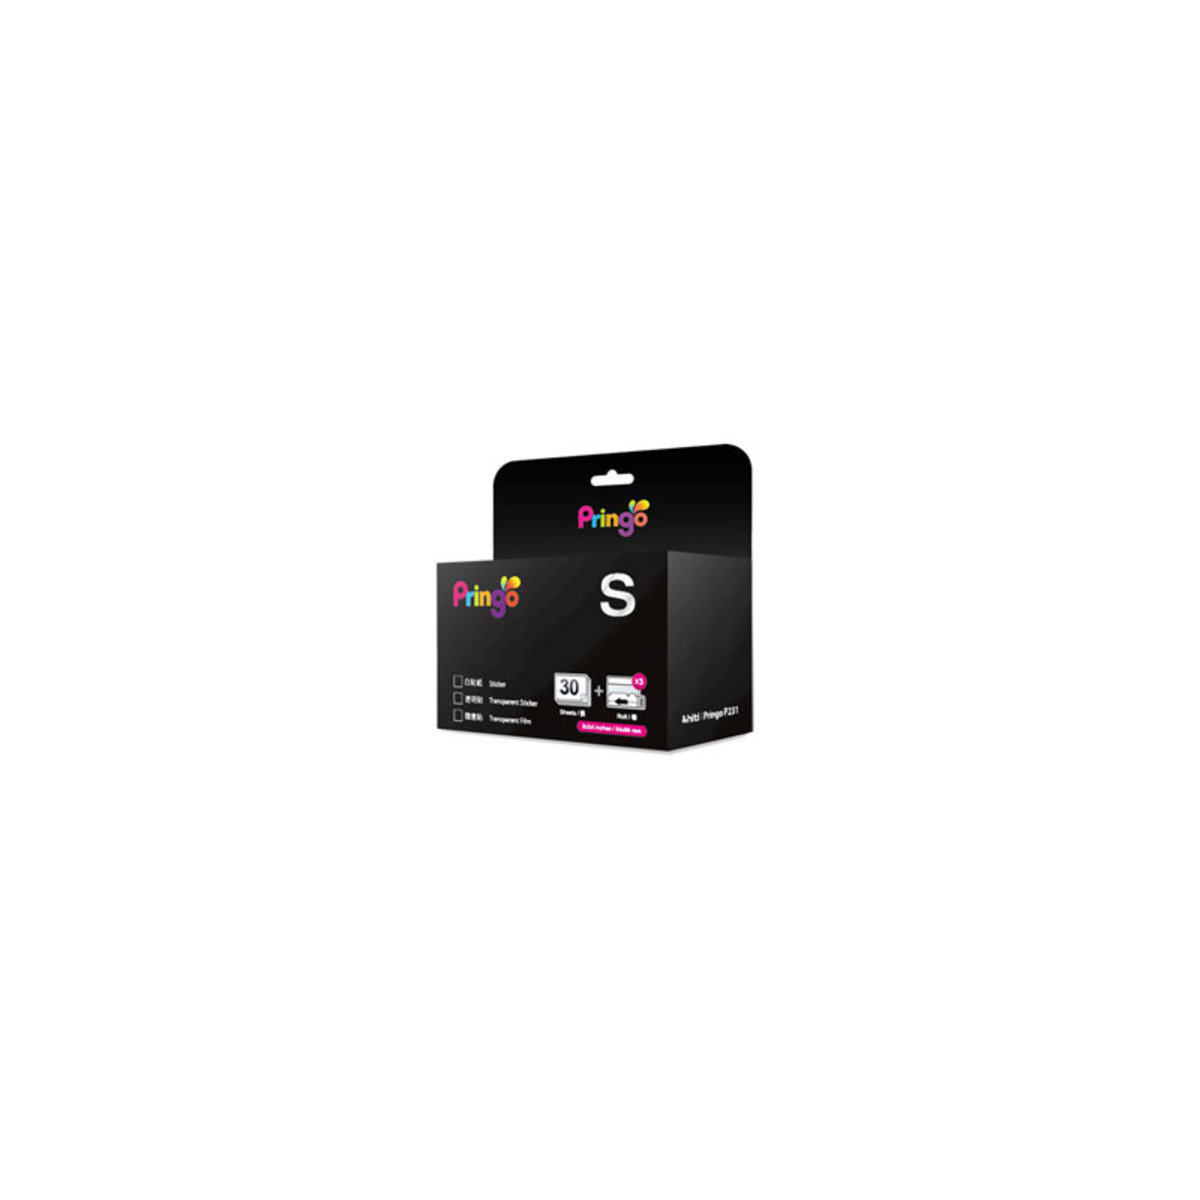 30張 P231 專用打印『隨身貼』相紙連色帶 P231 PS30-23 Transparent